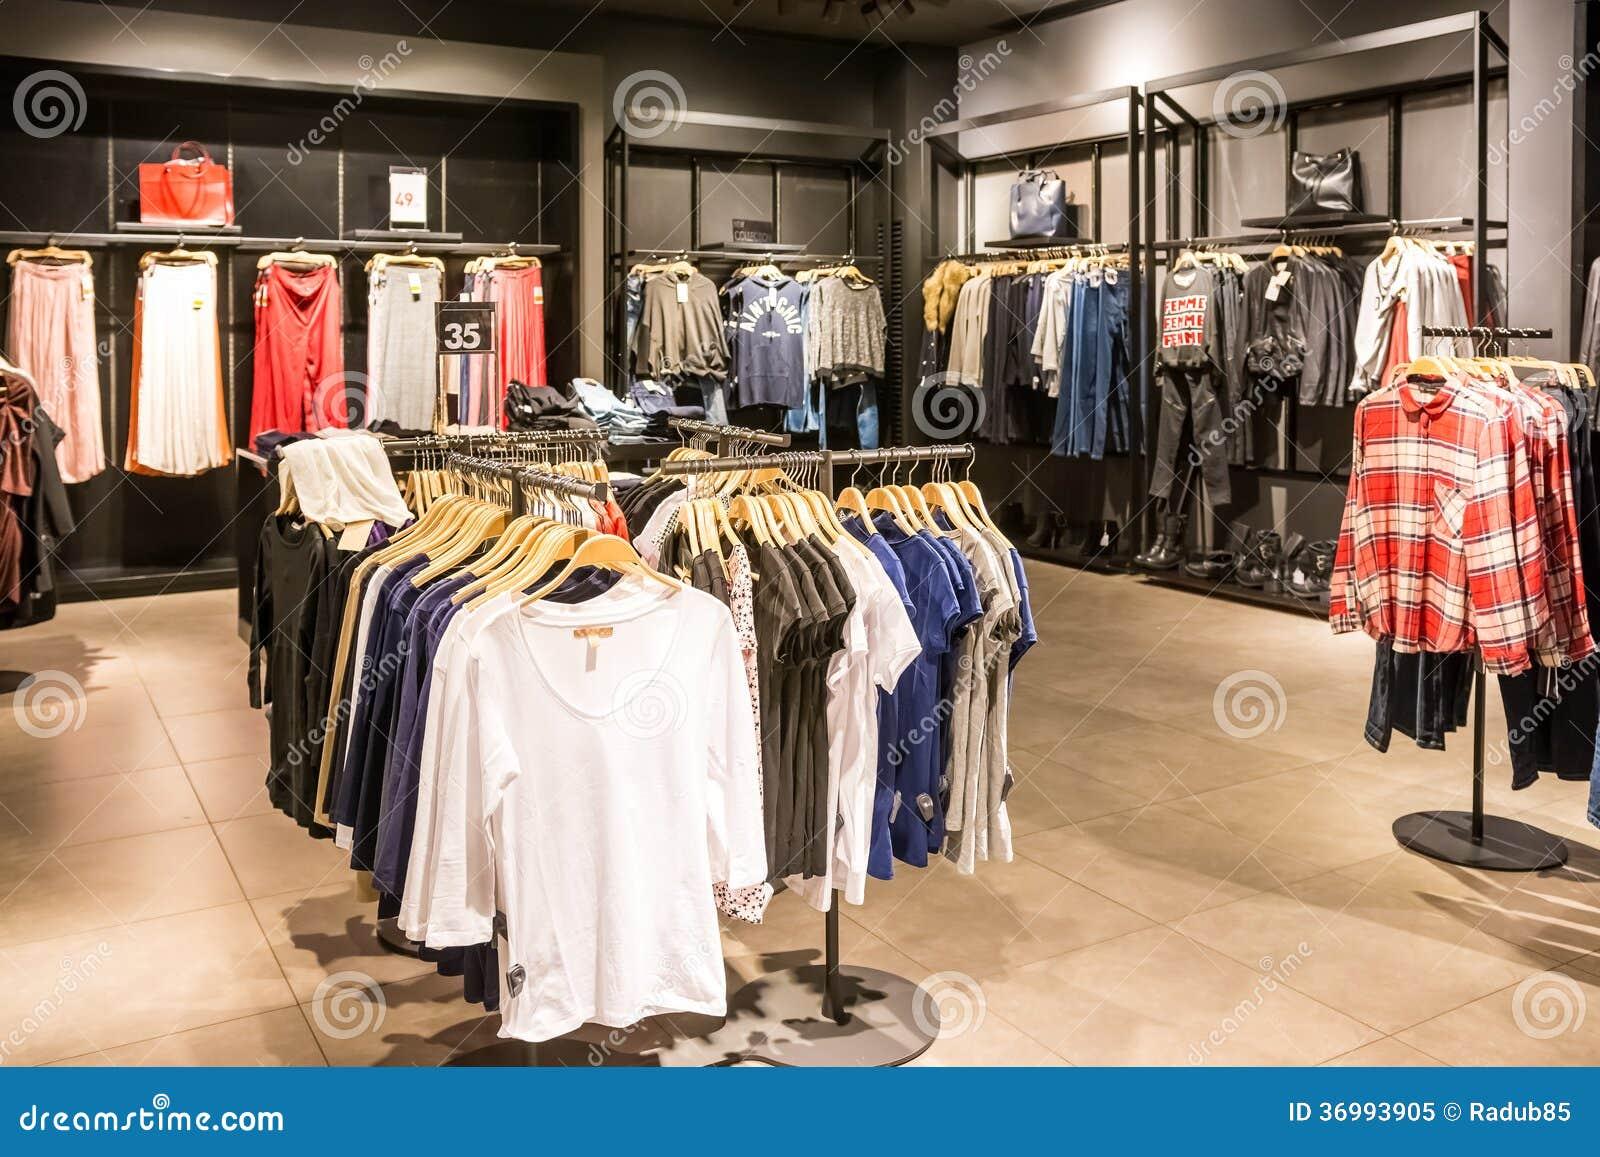 Ropa de la moda en los estantes en tienda de la ropa de la - Estanteria para ropa ...